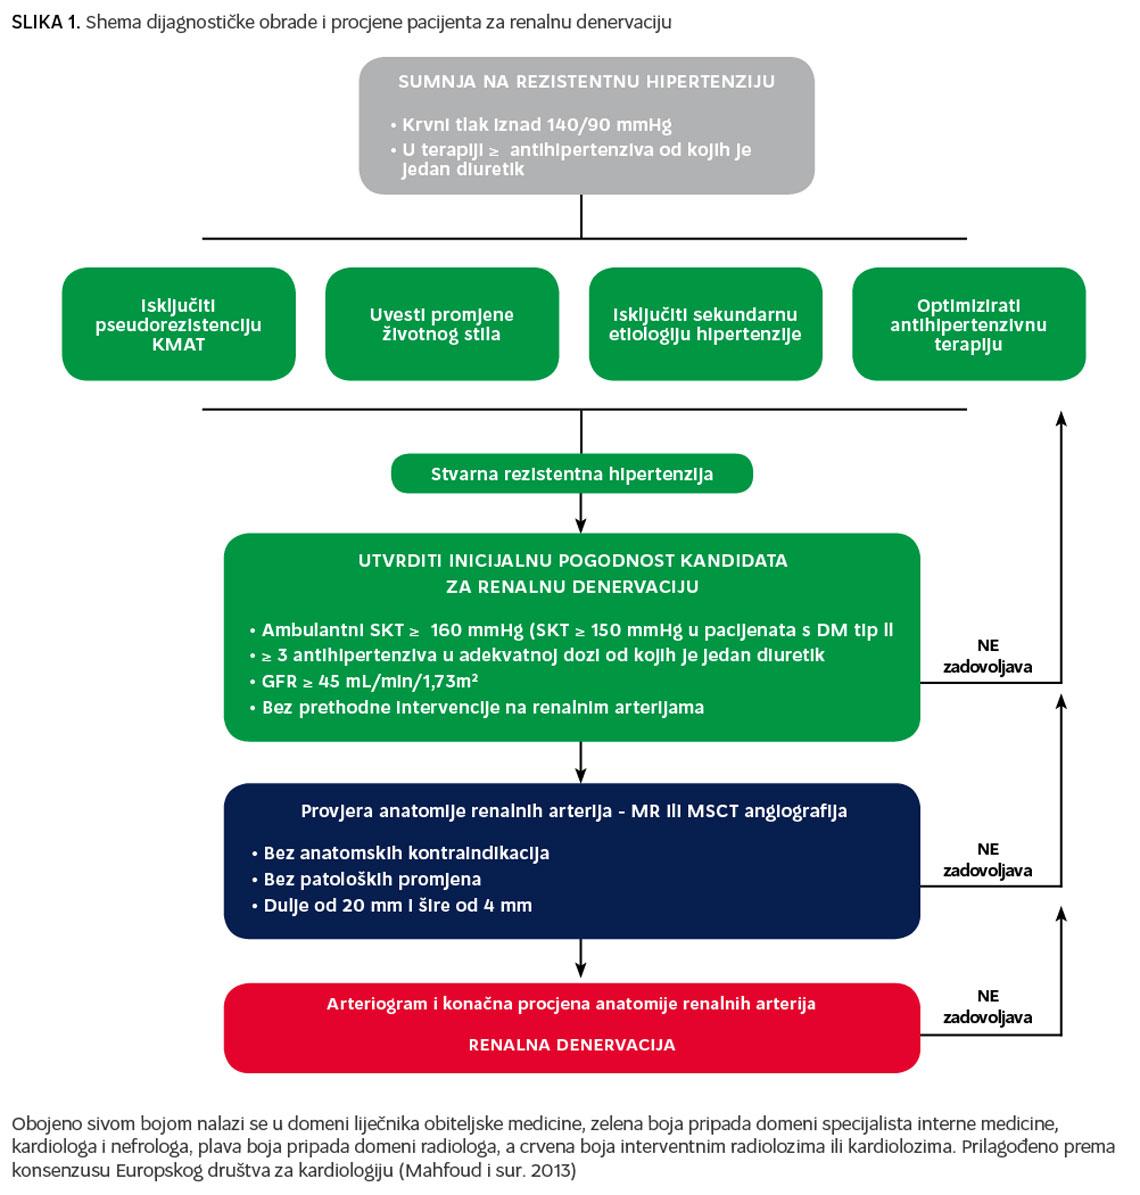 skrb za hitne slučajeve hipertenzije tretman hipertenzije u mađarskoj